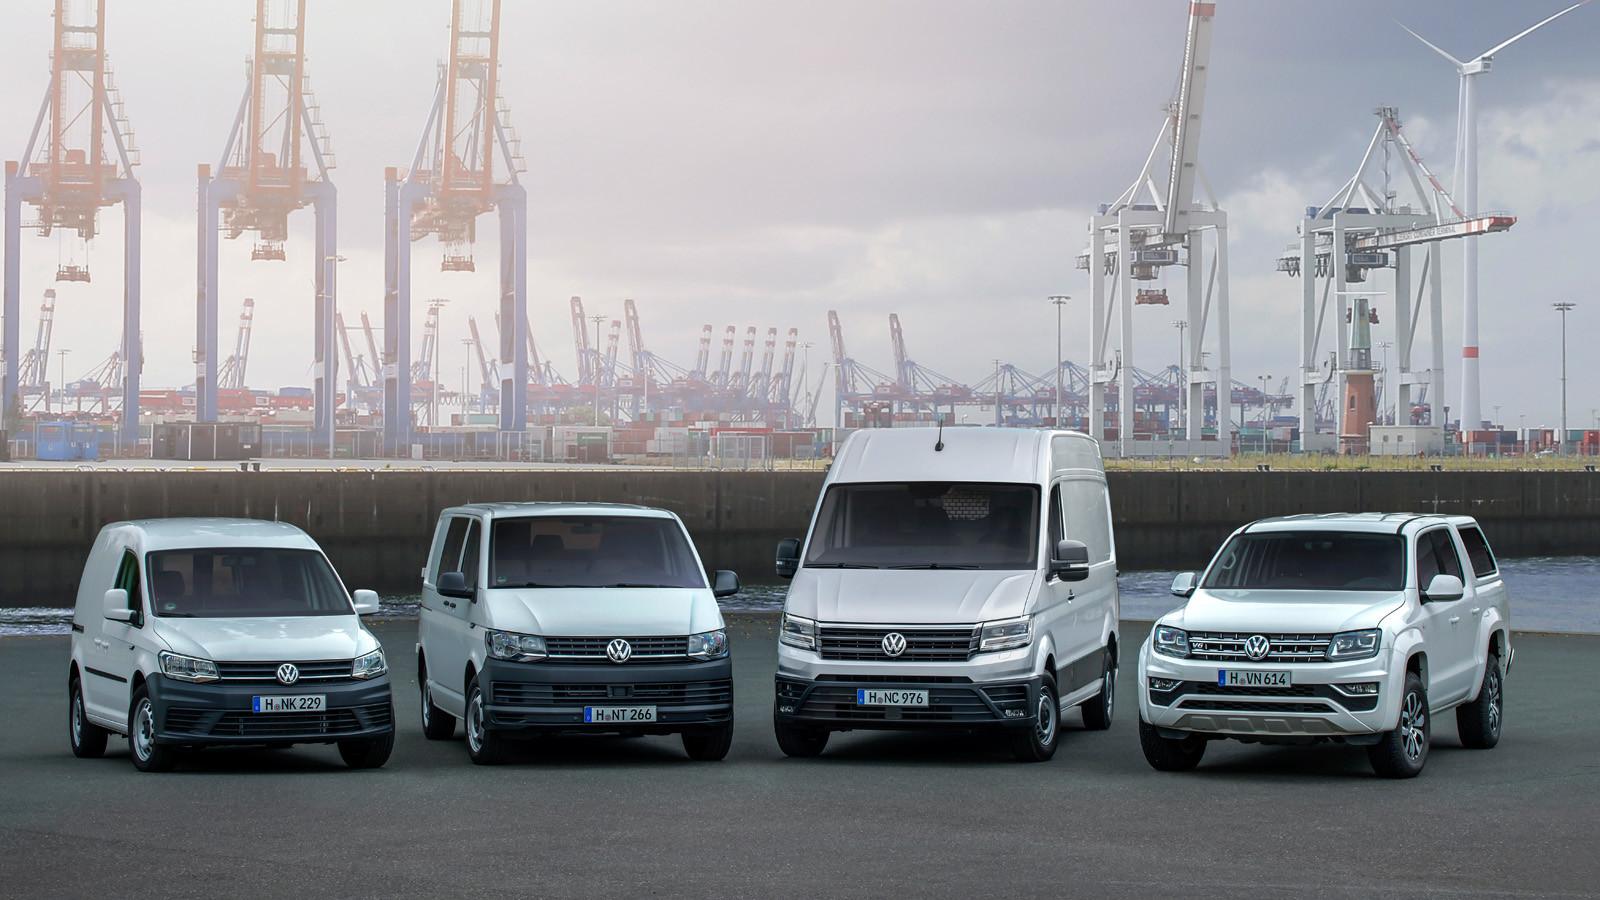 Ксередине осени продажи LCV от Фольксваген увеличились практически на40 процентов